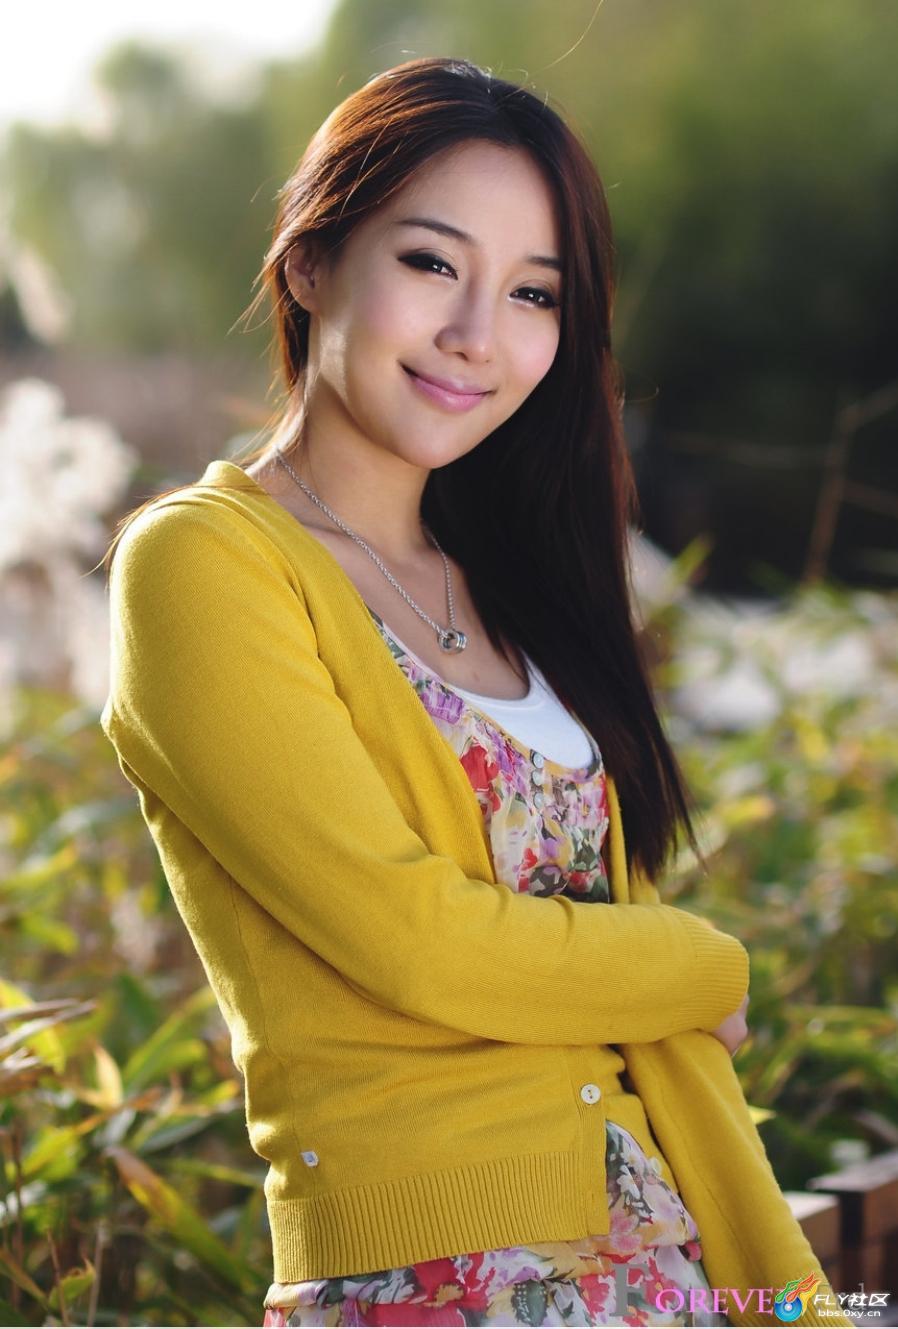 清纯美女韩国记忆[8p]|人物真人素材